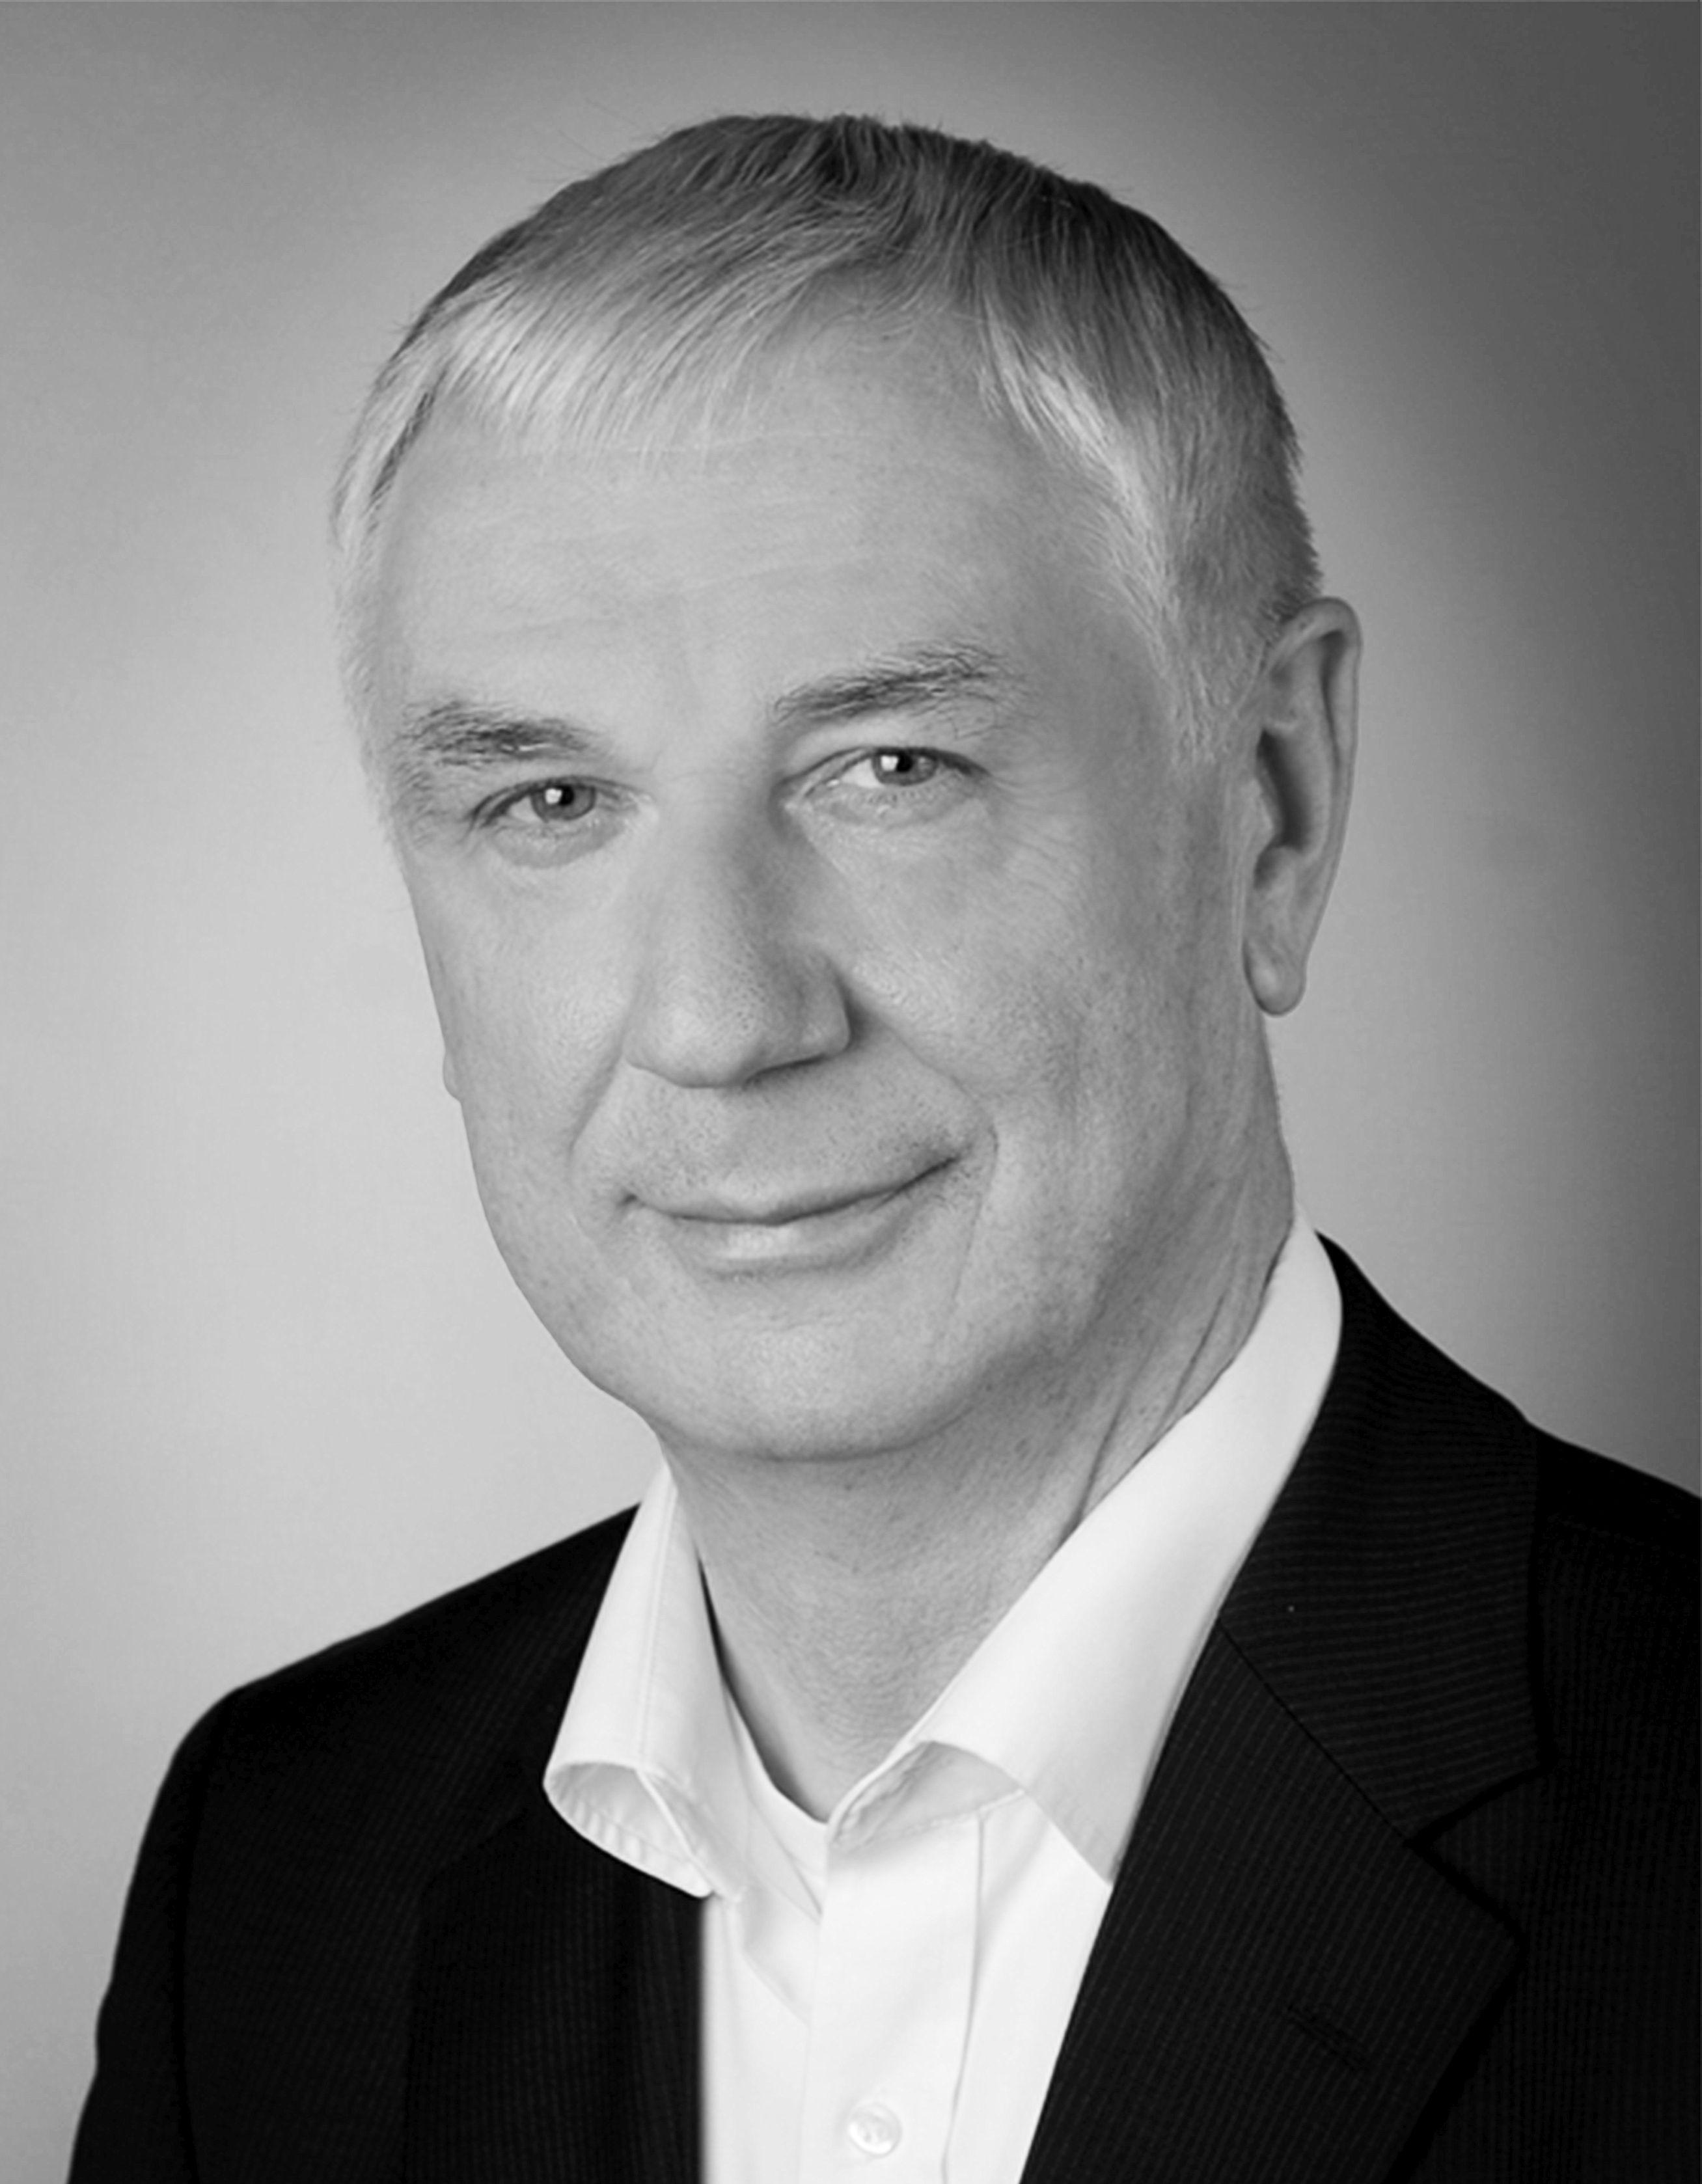 Herbert Schlegel